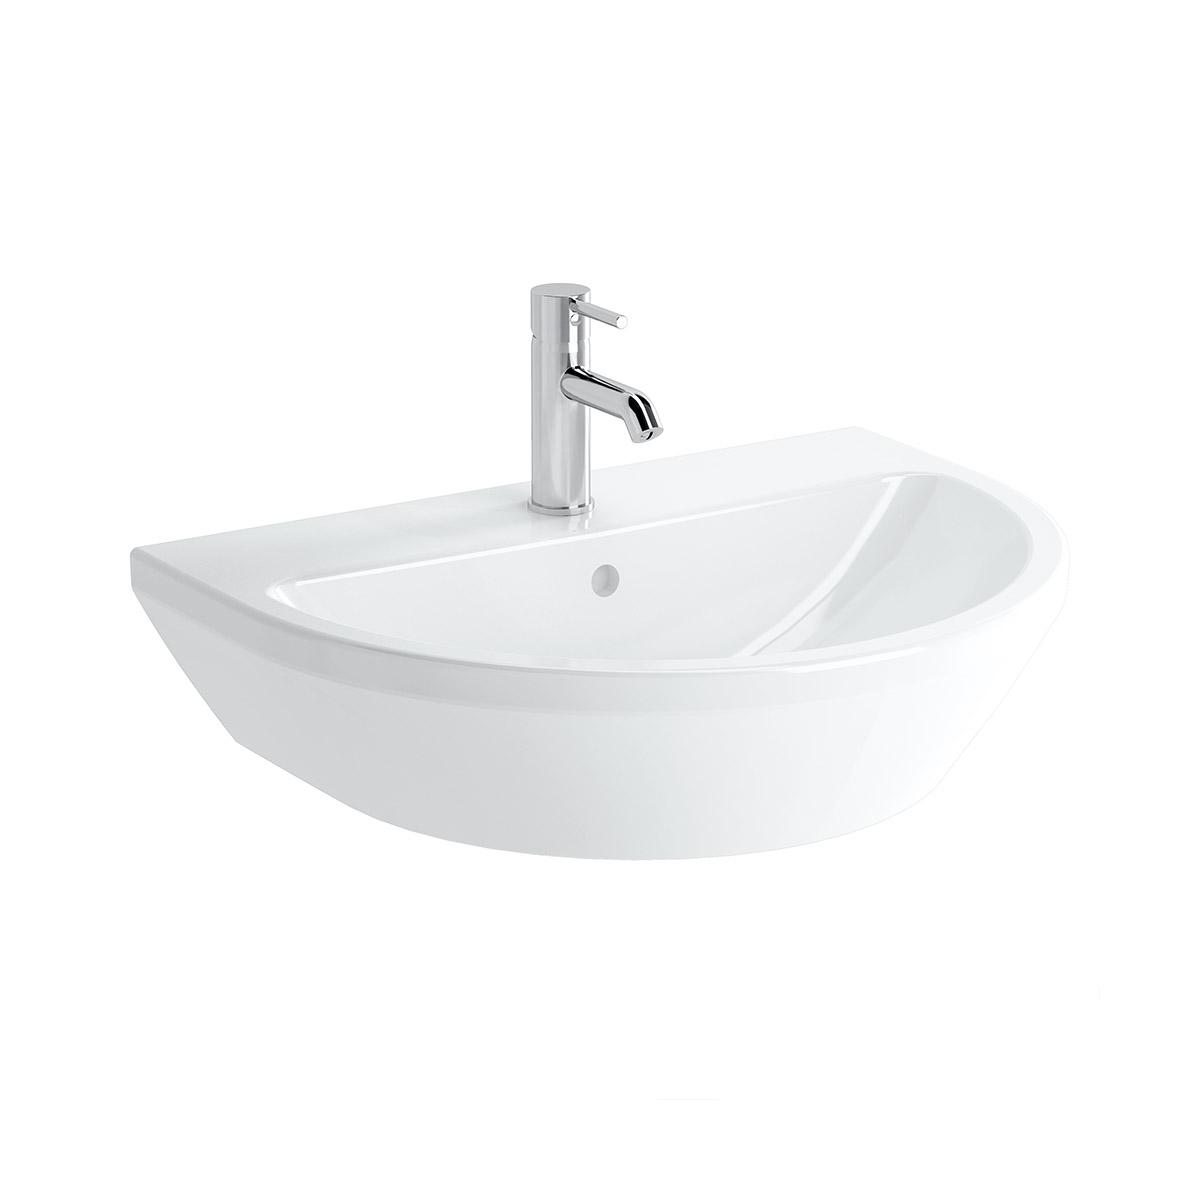 Integra Waschtisch, 55 cm, rund, ohne Hahnloch, ohne Überlaufloch, Weiß, VitrA Clean